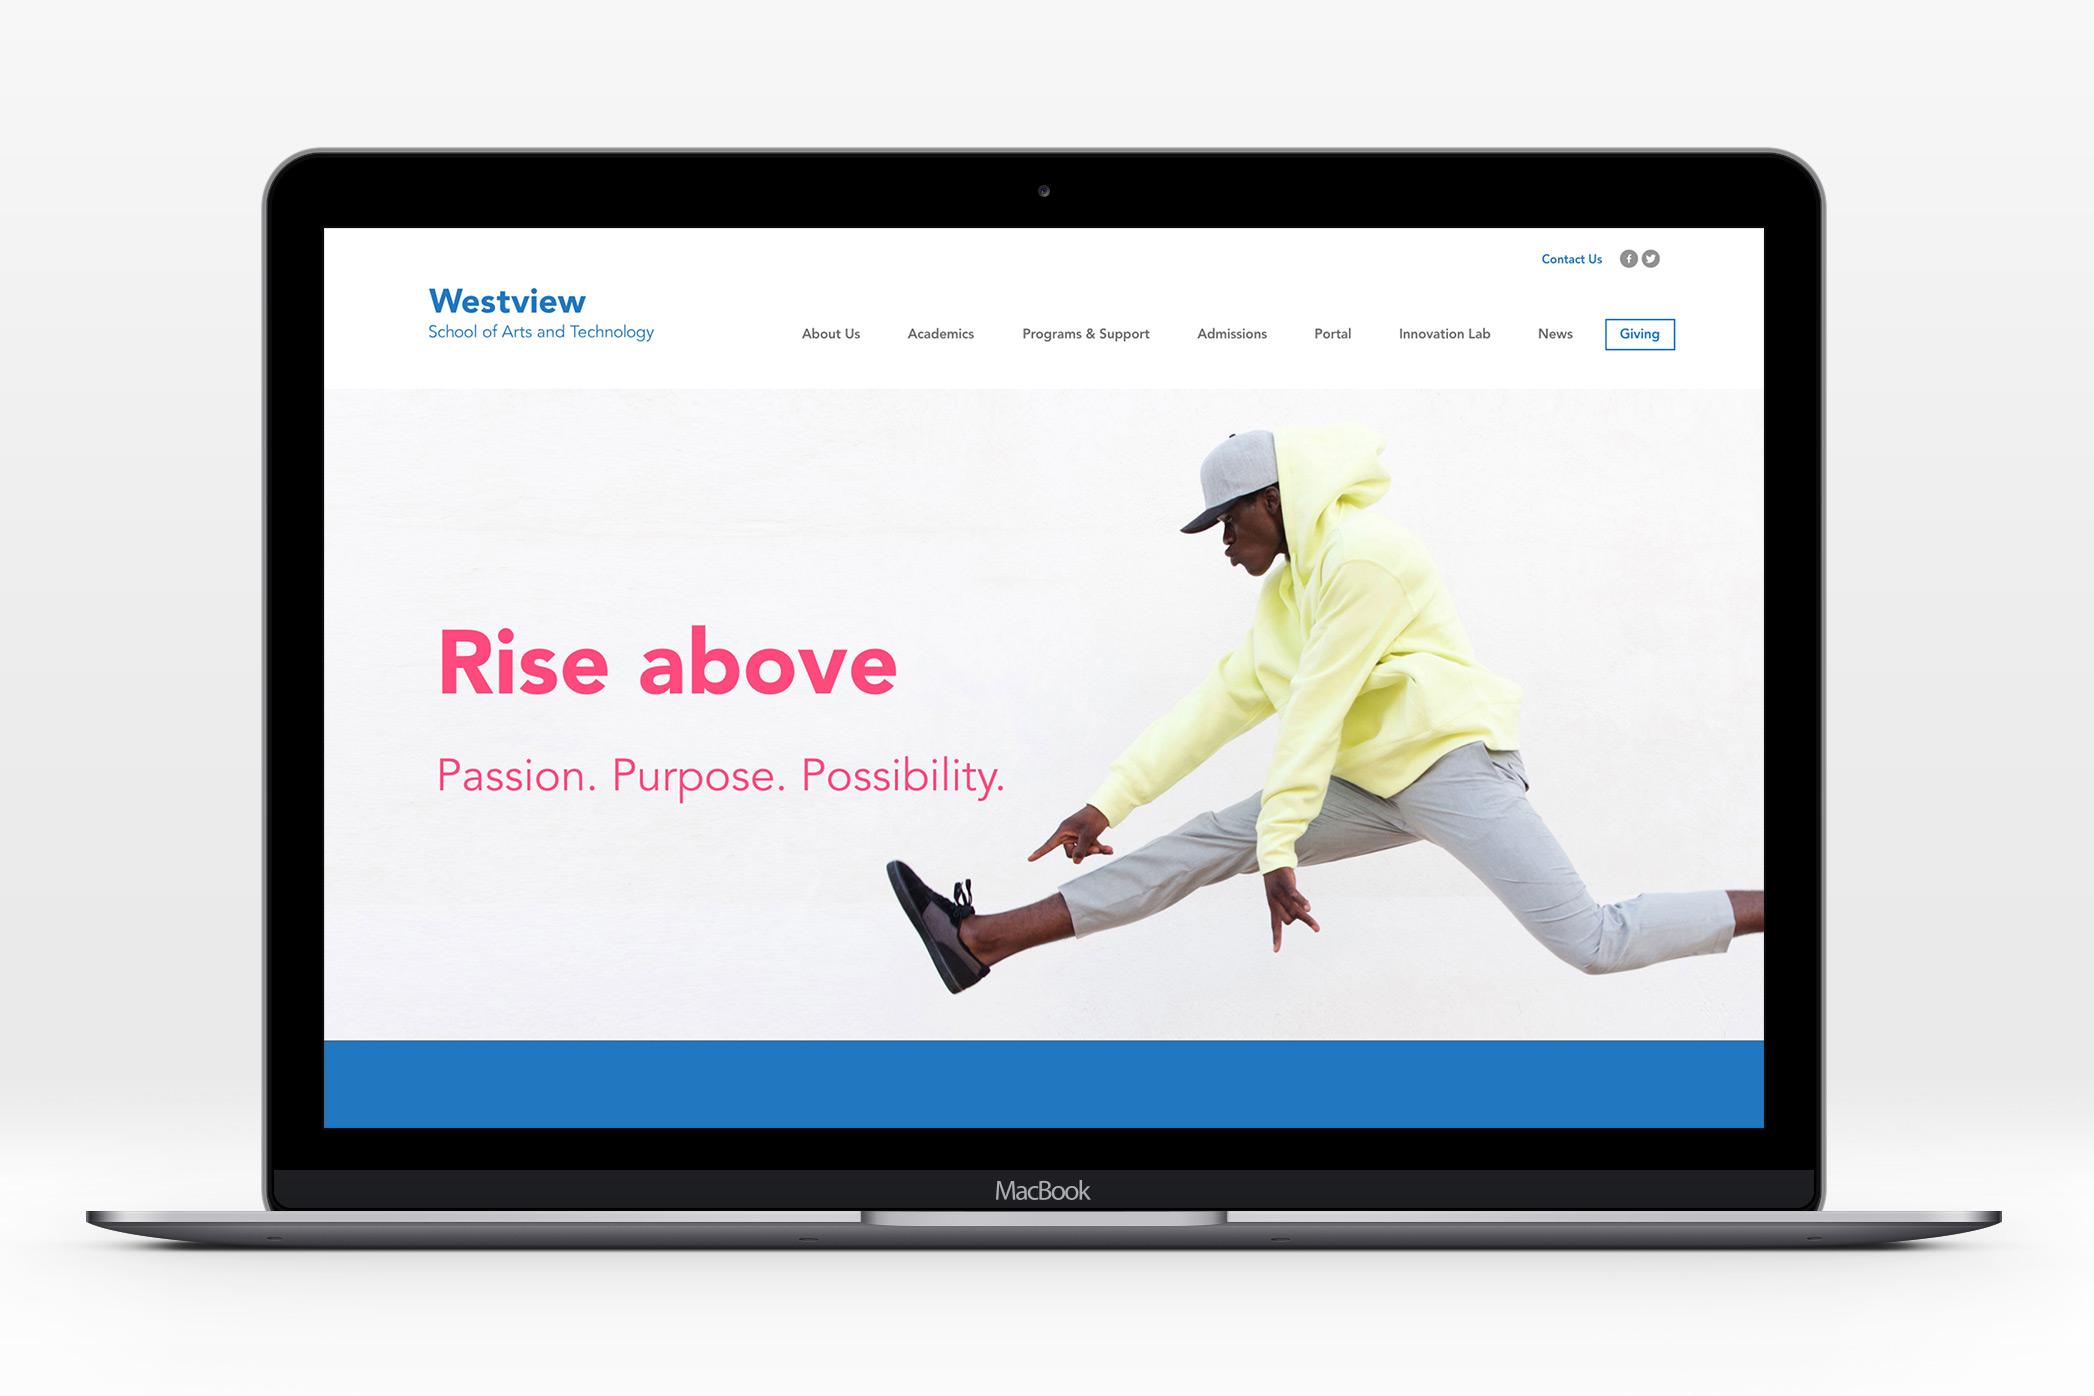 westview-web-mockup-6.jpg